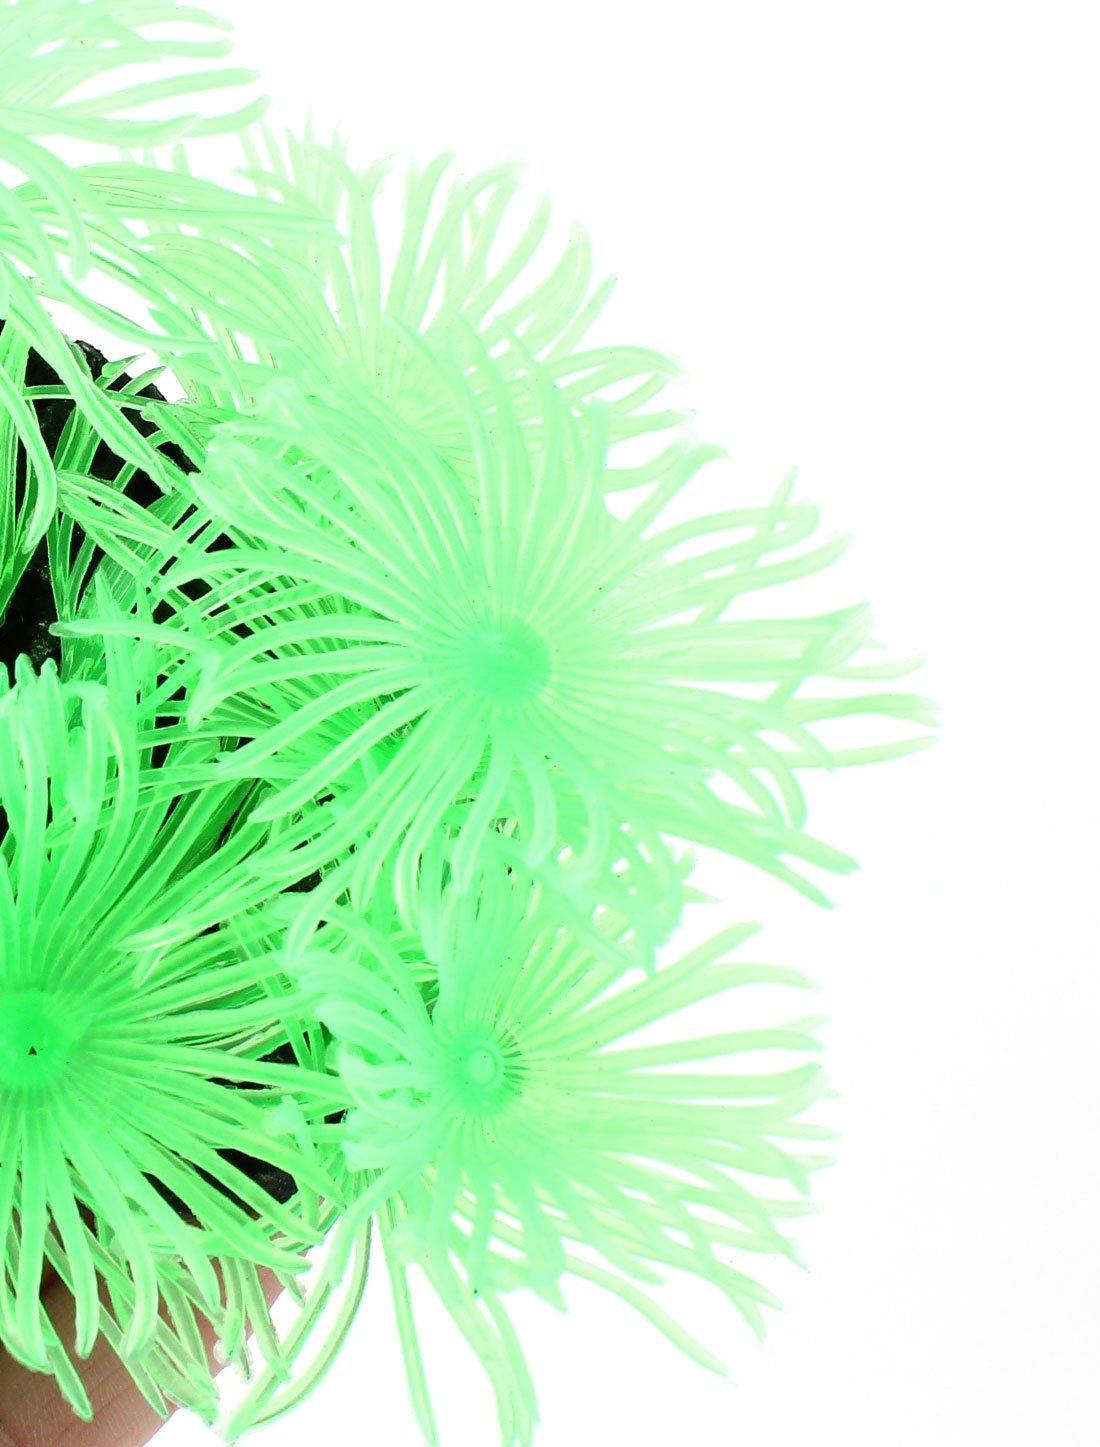 Amazon.com : Planta Bajo el agua del acuario de emulación de silicona 3, 9 pulgadas Altura Verde : Pet Supplies